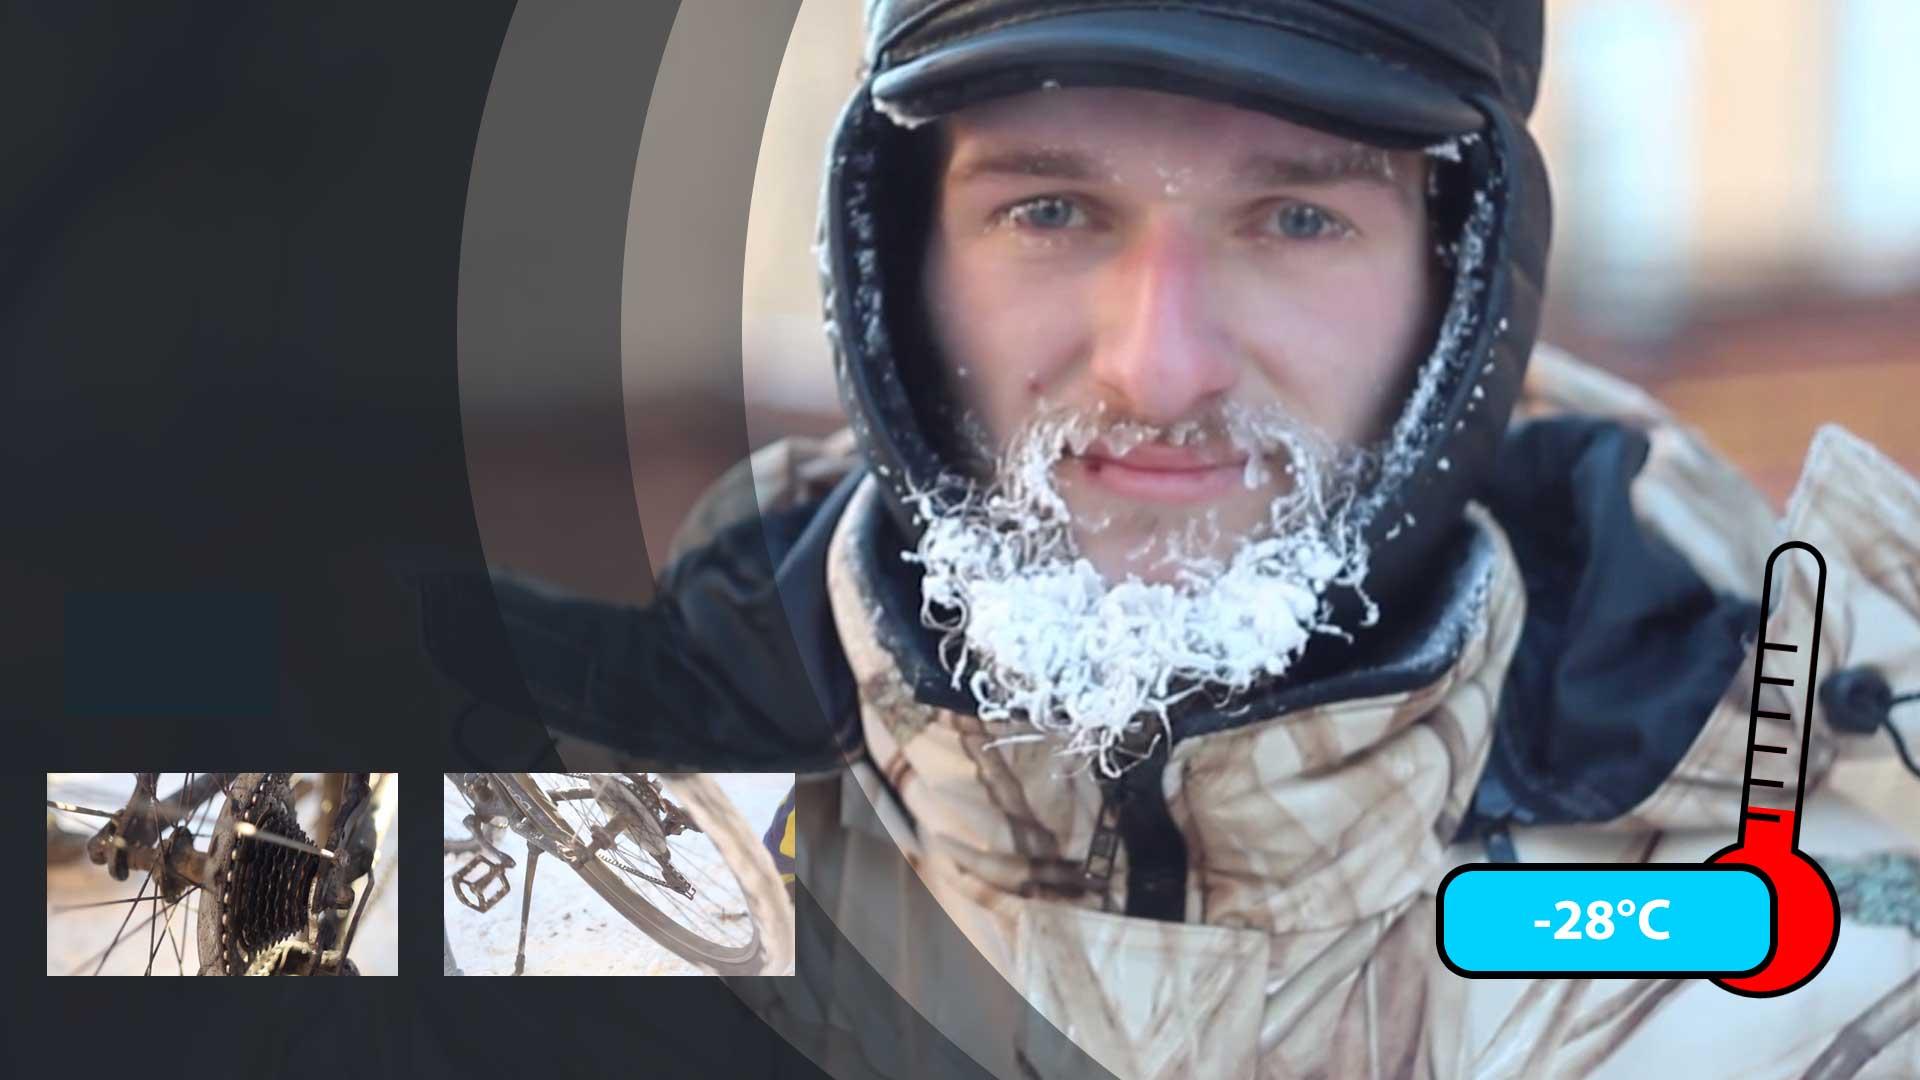 【现场】 有趣的短视频 ZoominTV 战斗民族无车日:体验零下几十度骑自行车的酸爽